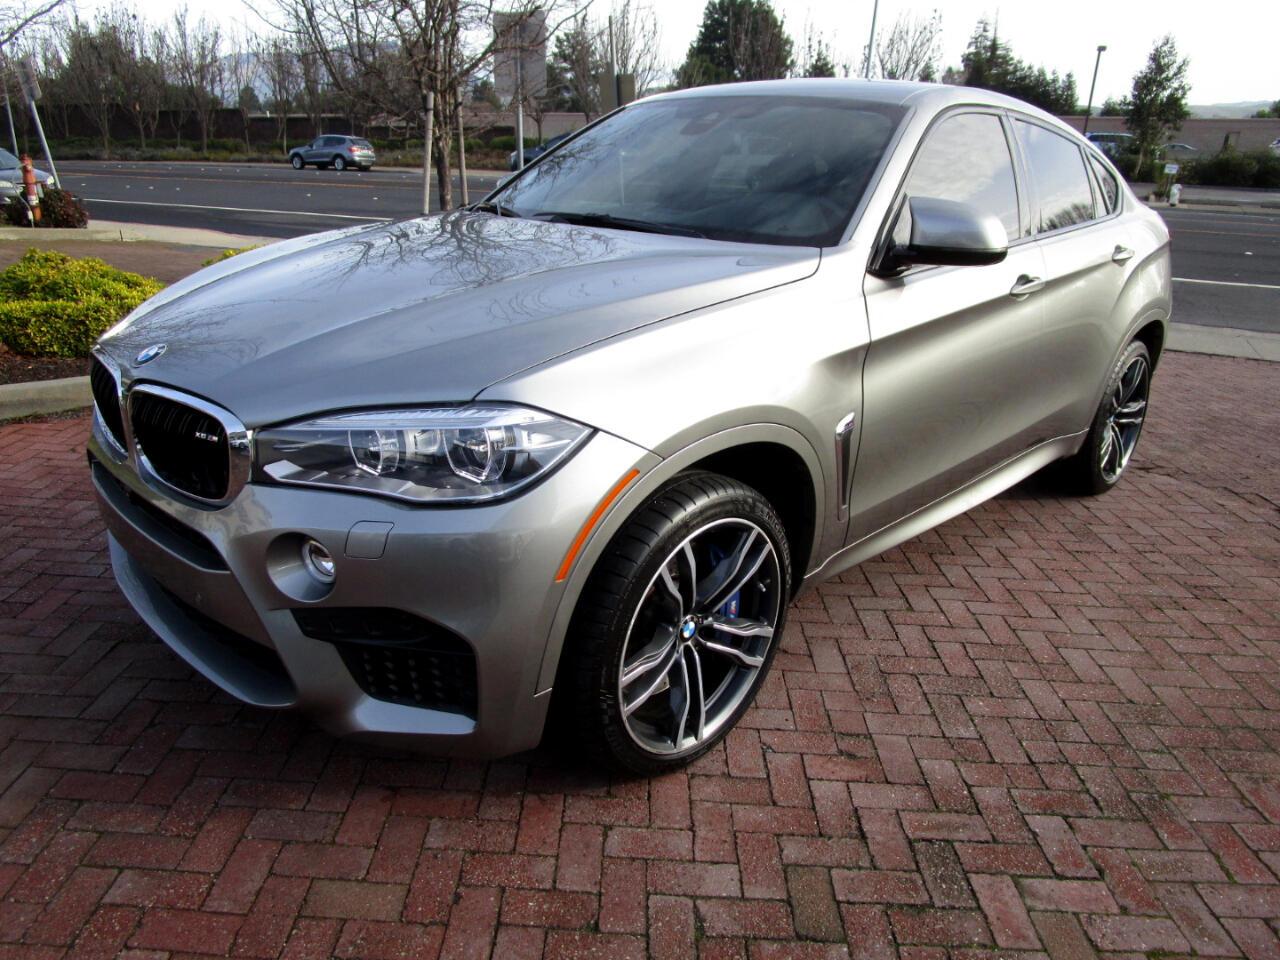 2016 BMW X6 M AWD DYNAMIC DRIVE*DRIVER ASSIST*HEAT/AC SEATS*LK N